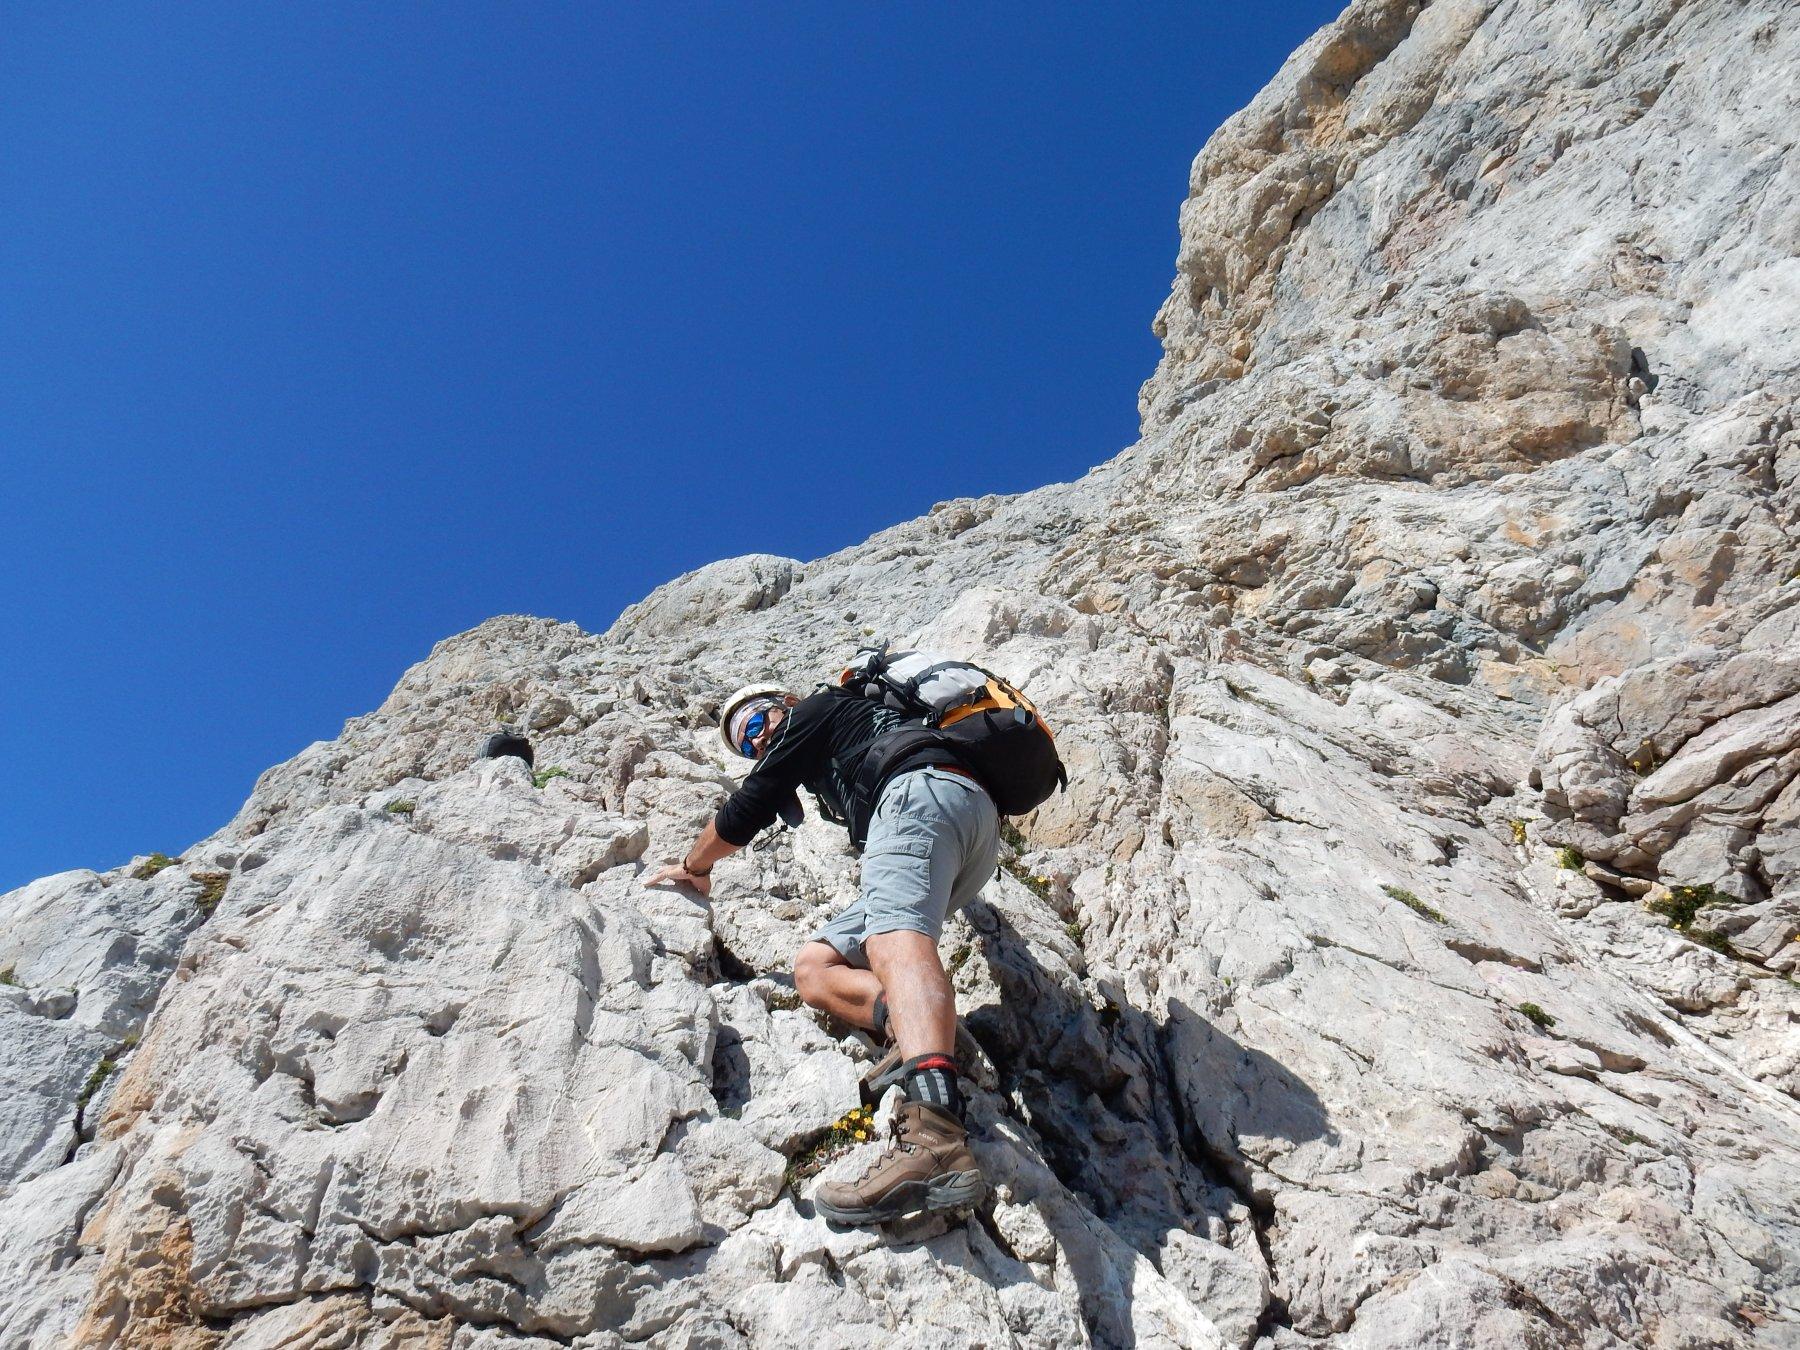 Clemente in arrampicata sul tratto ripido.